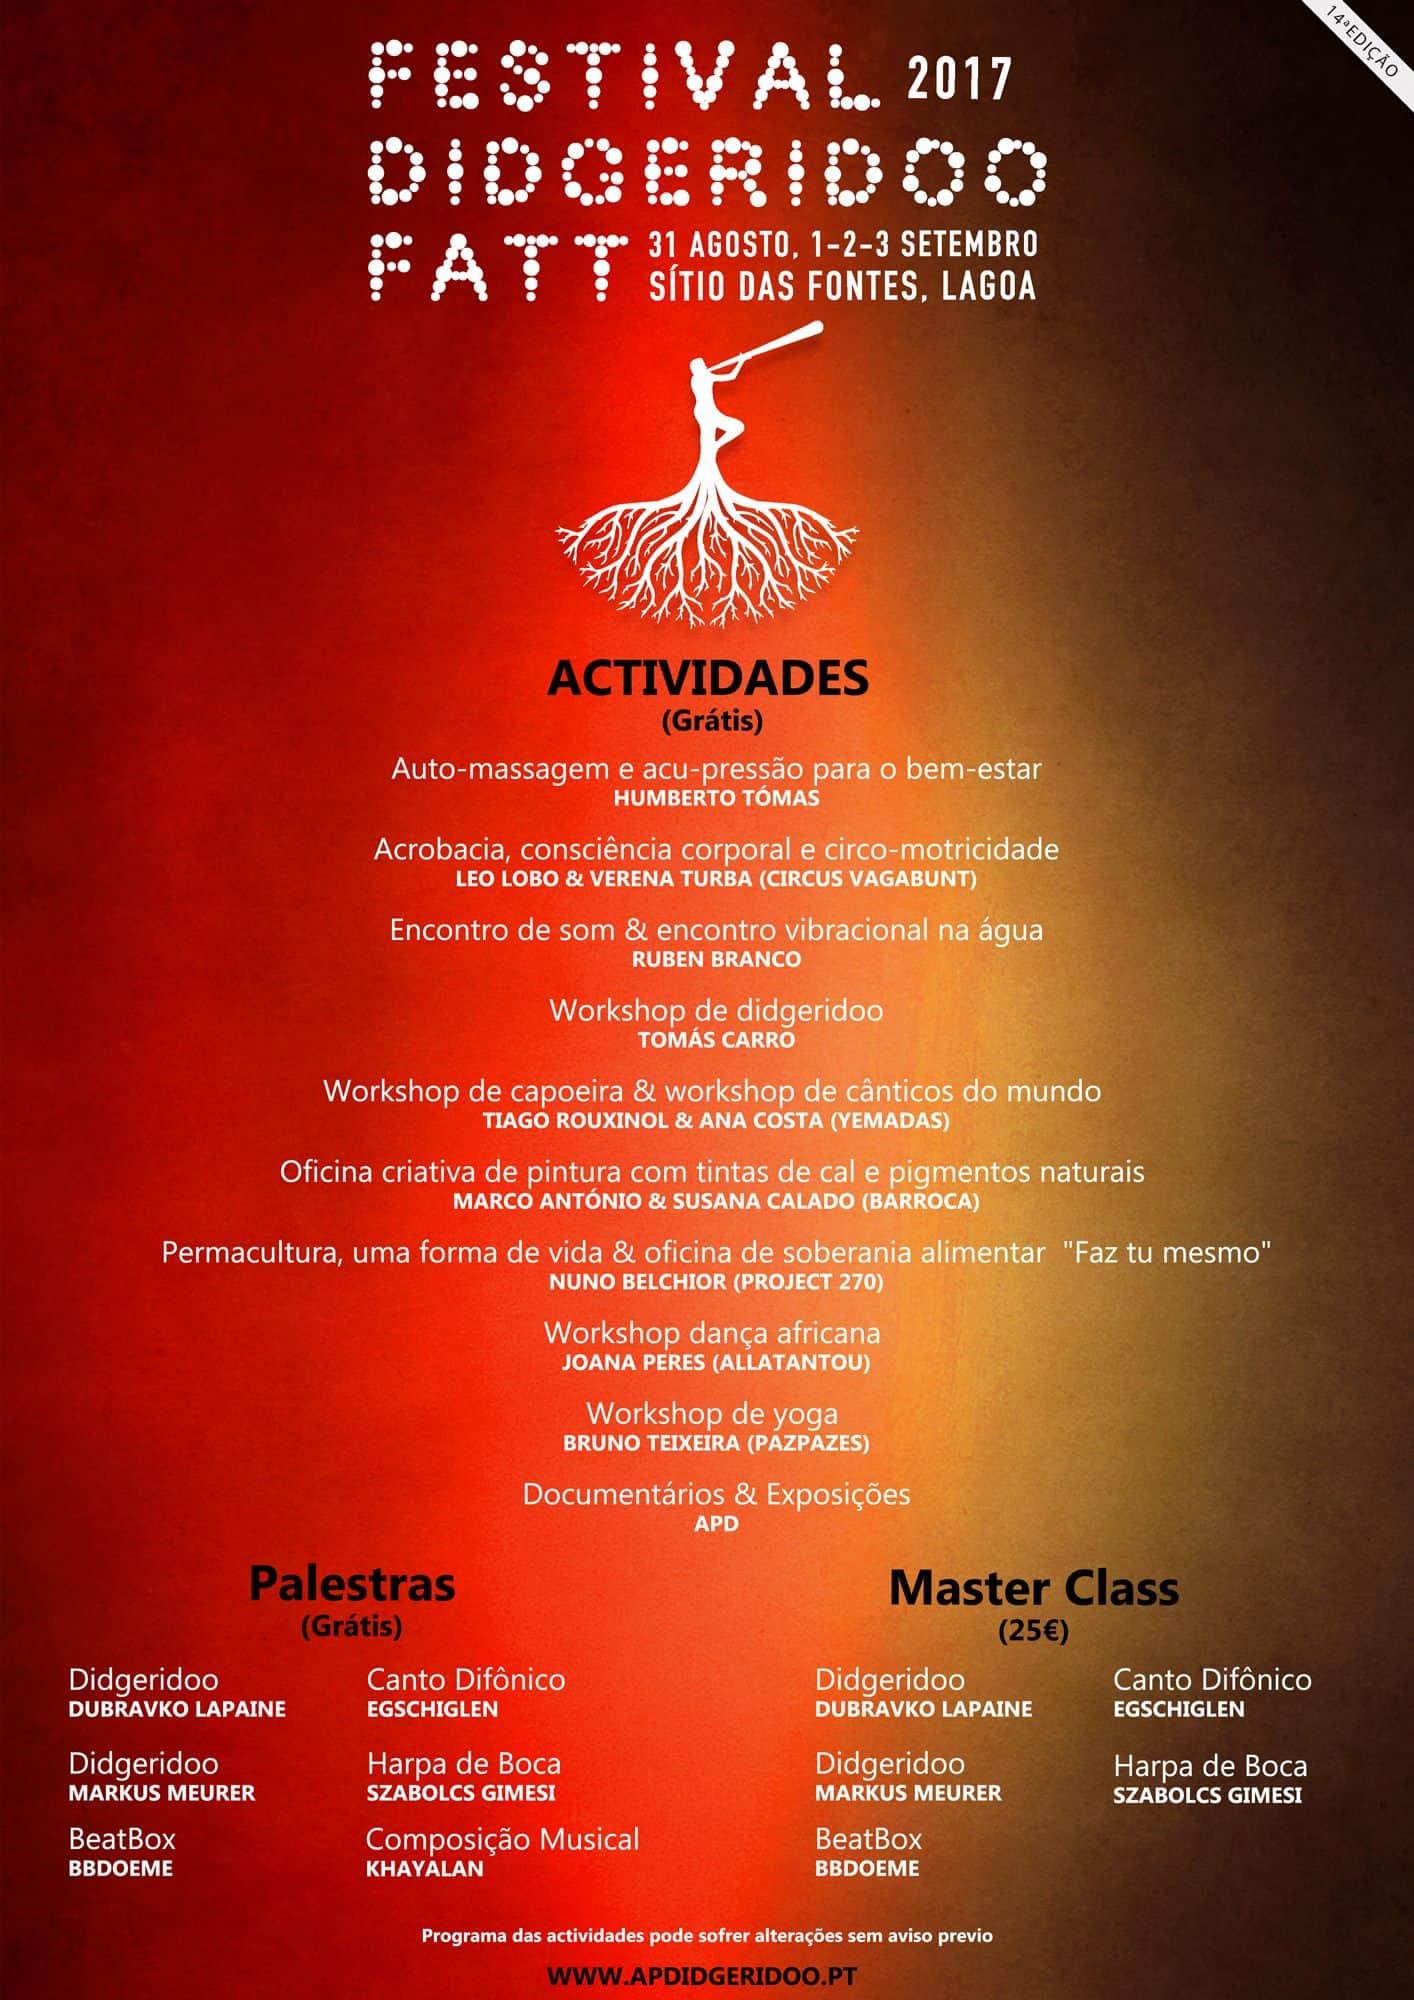 Barroca Festival-de-Didgeridoo_FATT_2017 Oficina Criativa no Festival de Didgeridoo - Sítio das Fontes Arte Atividades Parcerias  mediação cultural Fontes de Estômbar festival de didgeridoo FATT Algarve #experienciascriativas #barroca2017